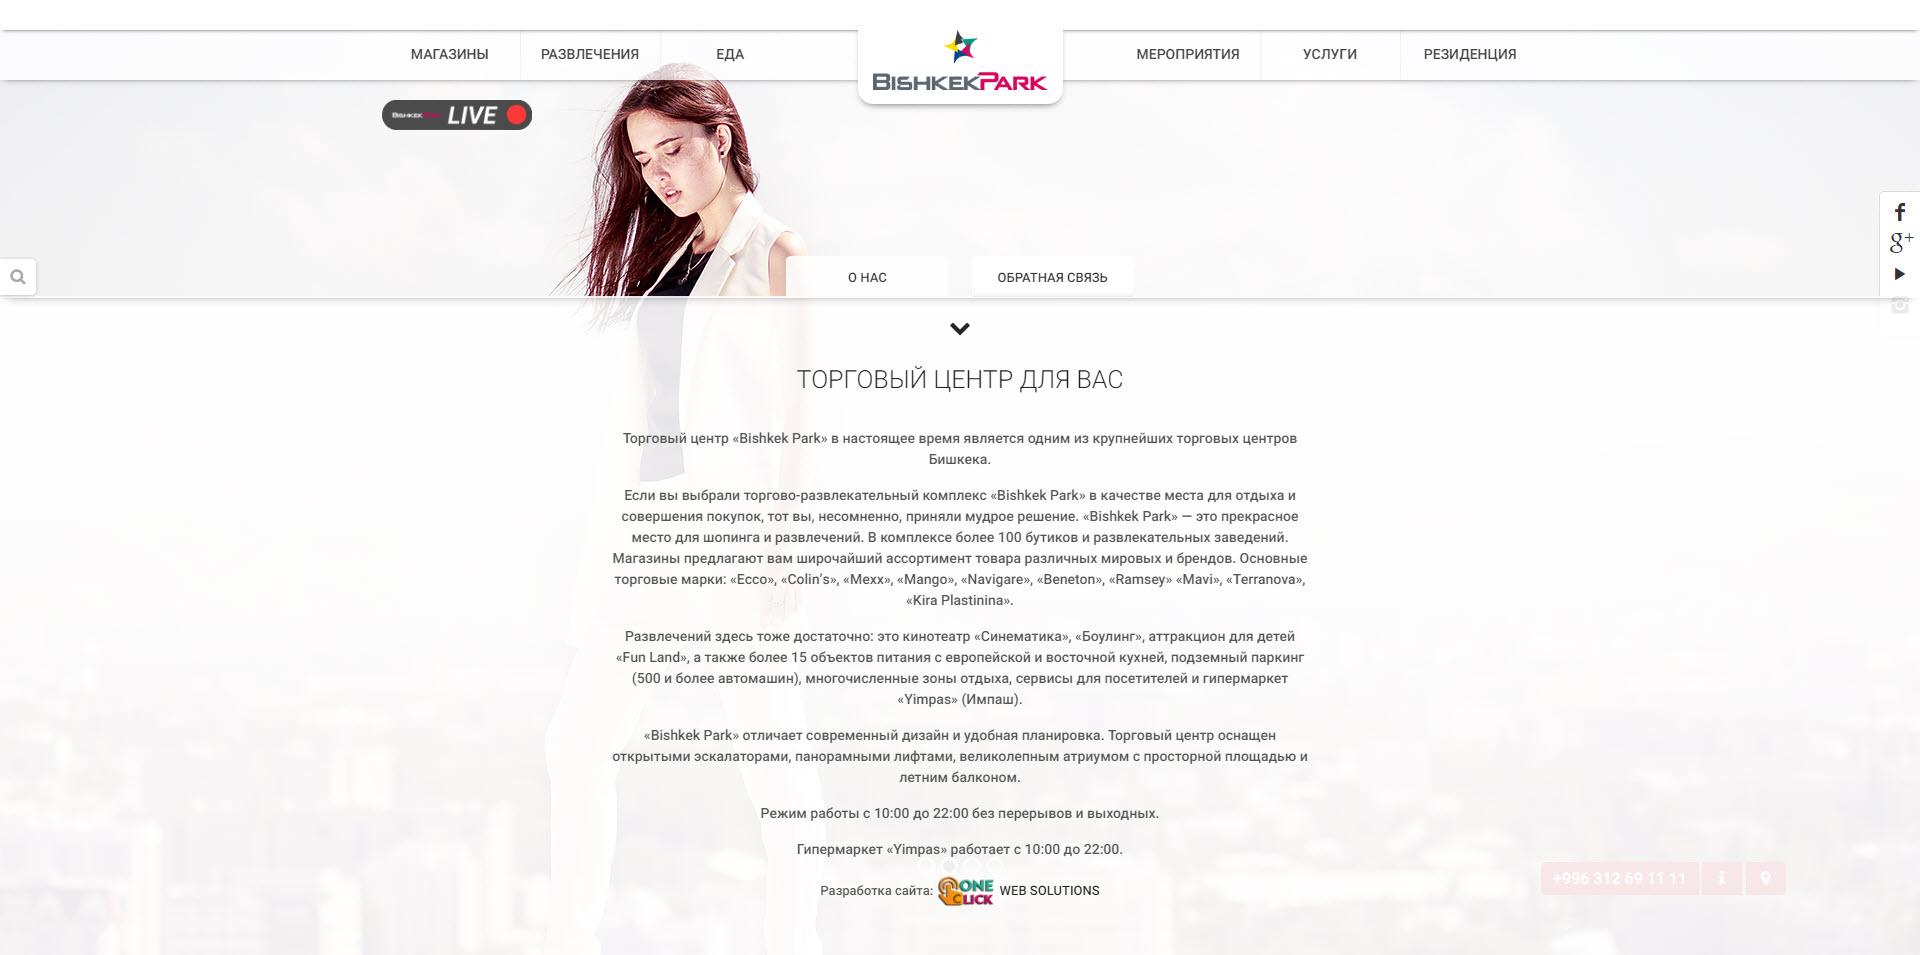 homepage1-www_bishkekpark.kg_kg